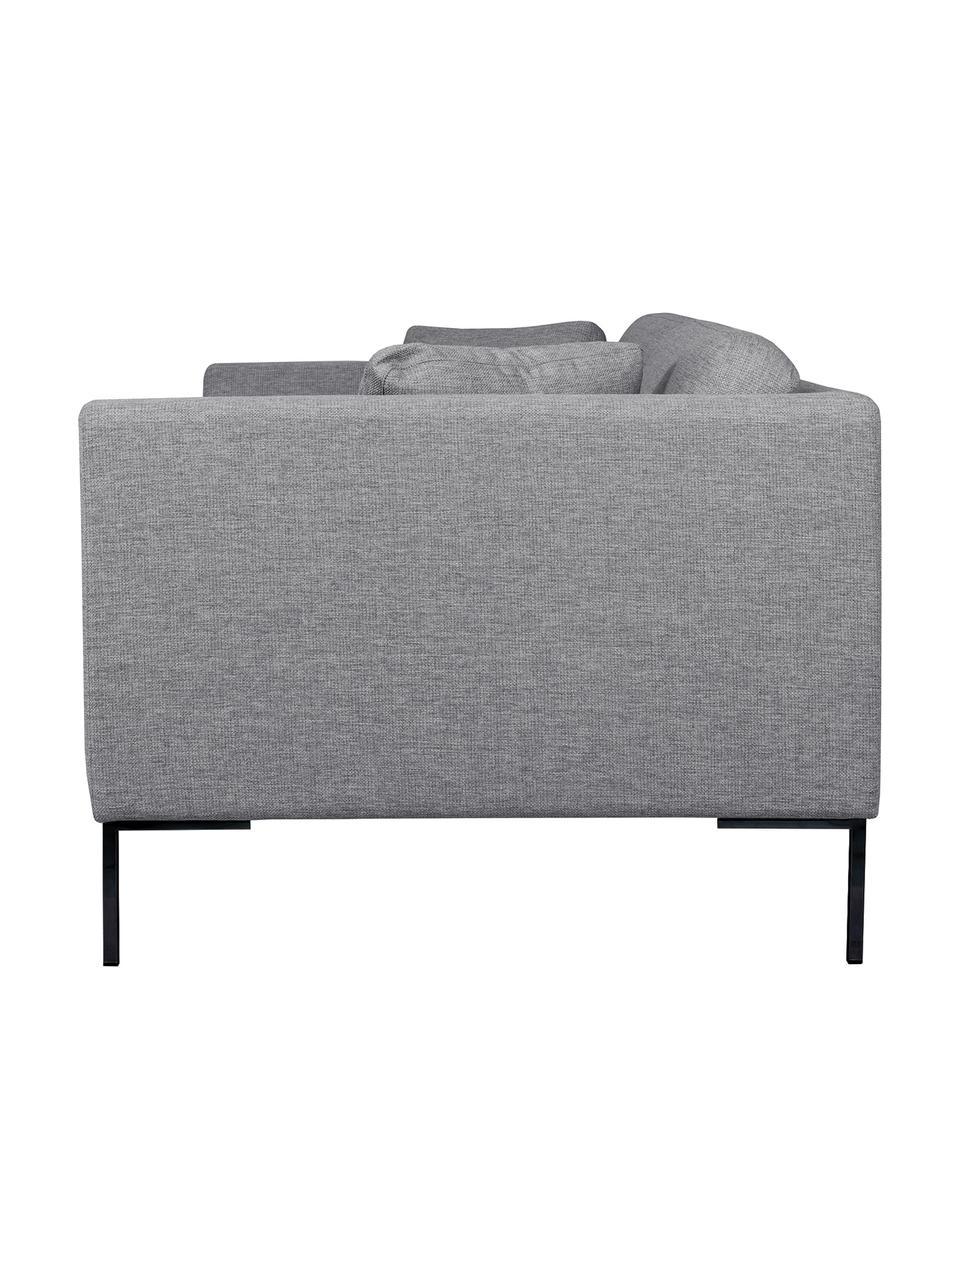 Canapé 2 places gris Emma, Tissu gris, pieds noirs